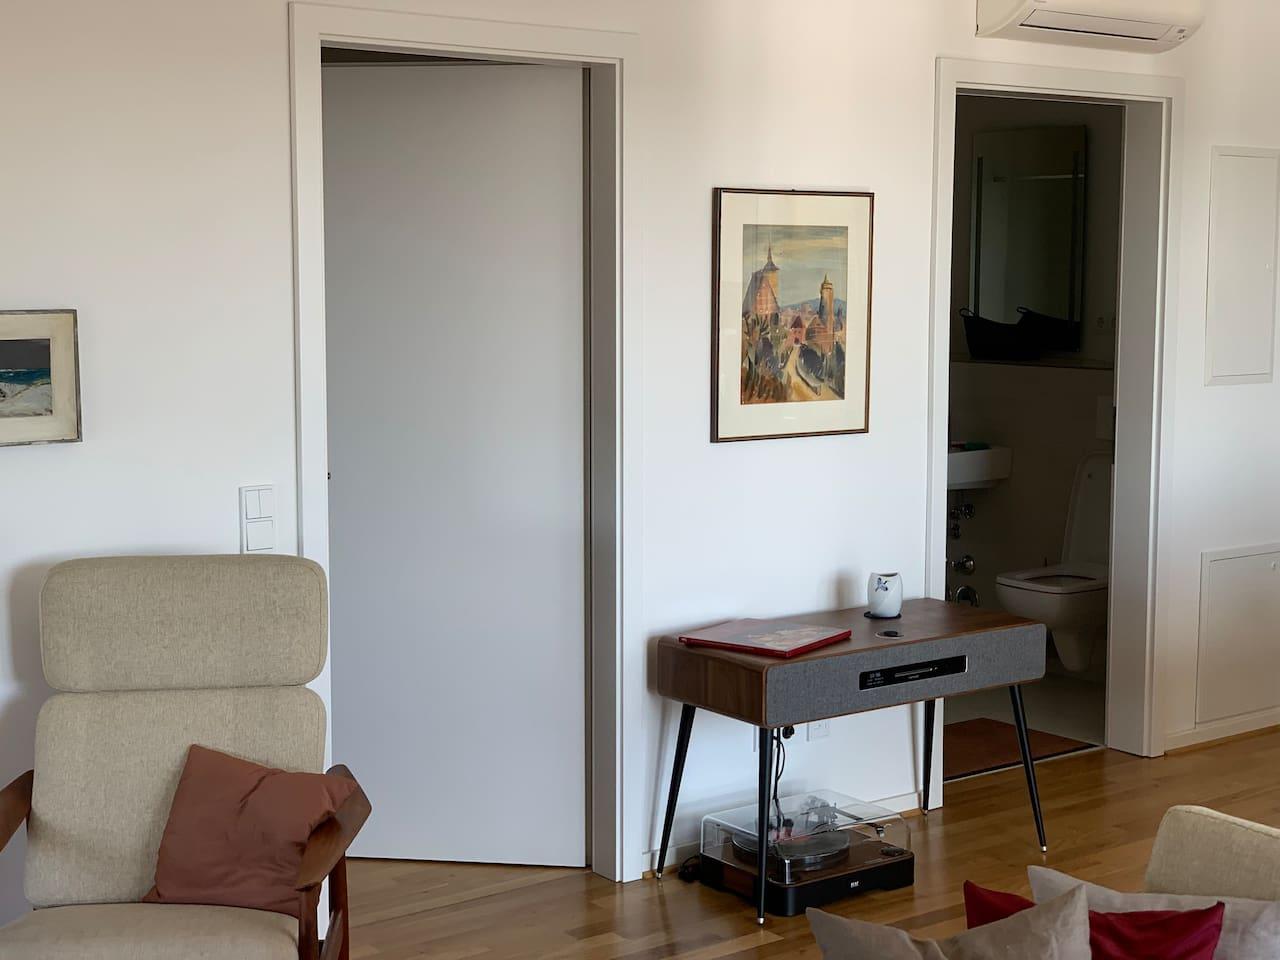 entree guestroom and bathroom